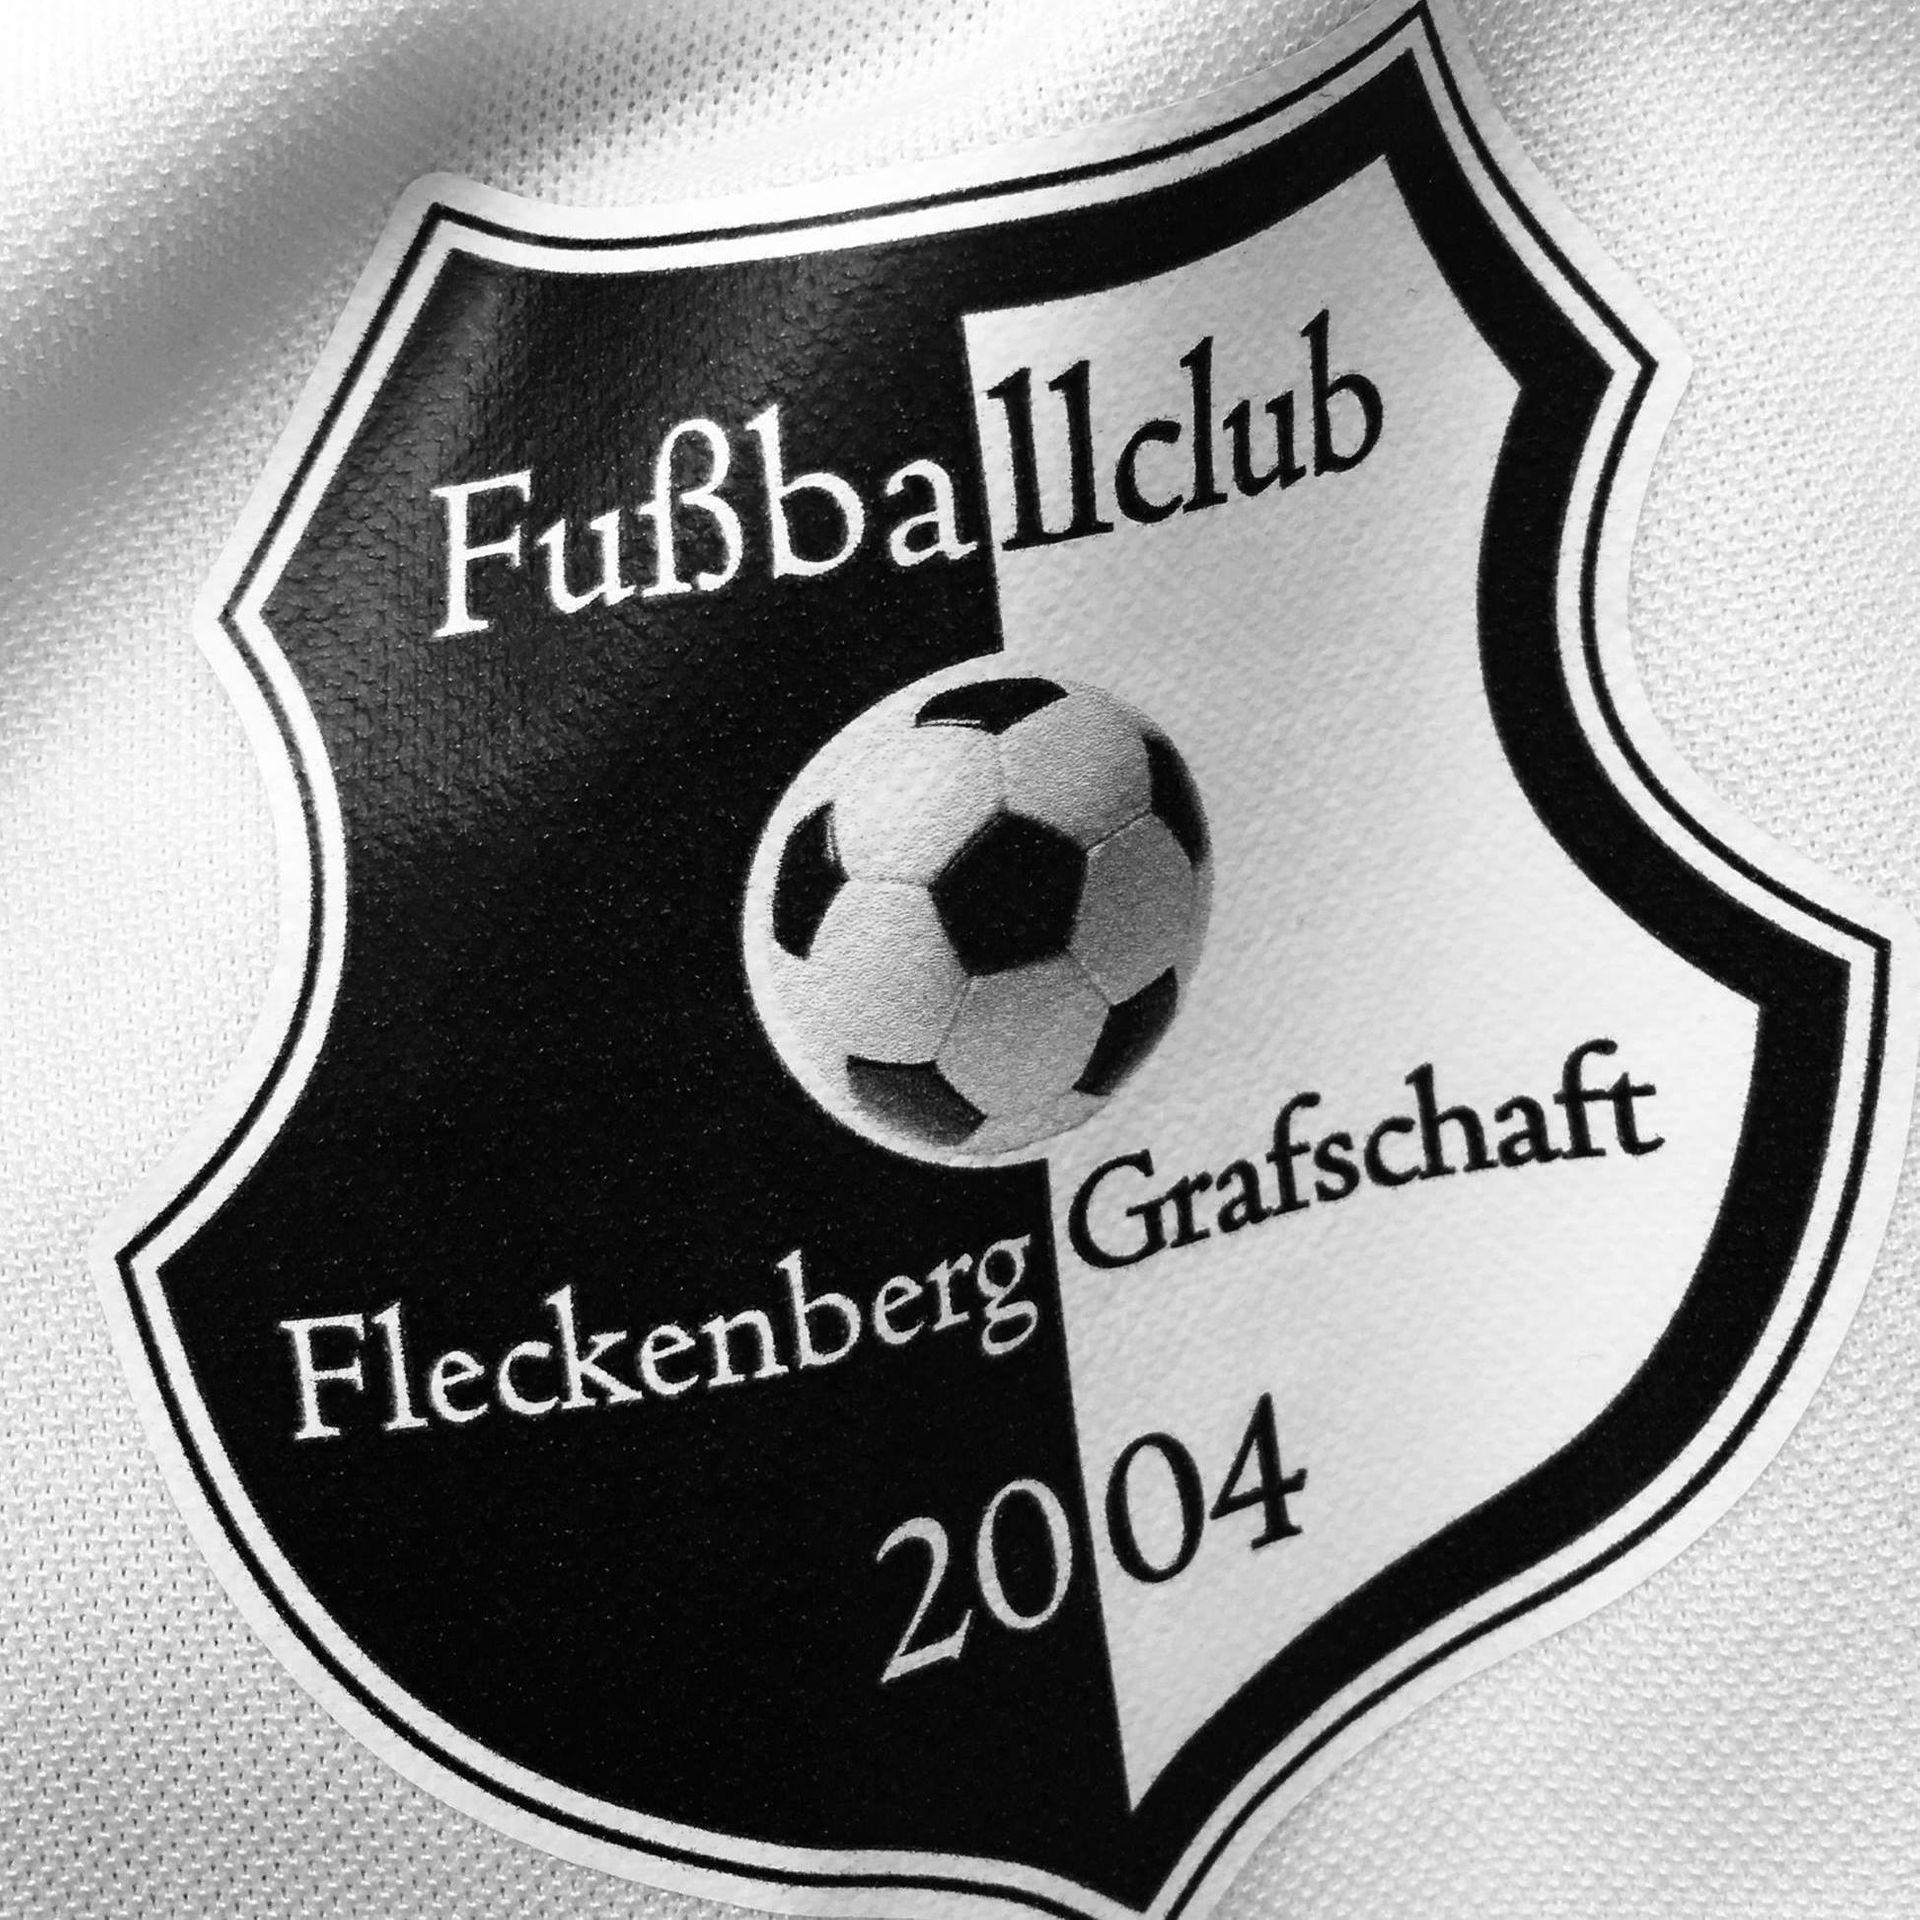 Willkommen beim FC Fleckenberg / Grafschaft 04 -